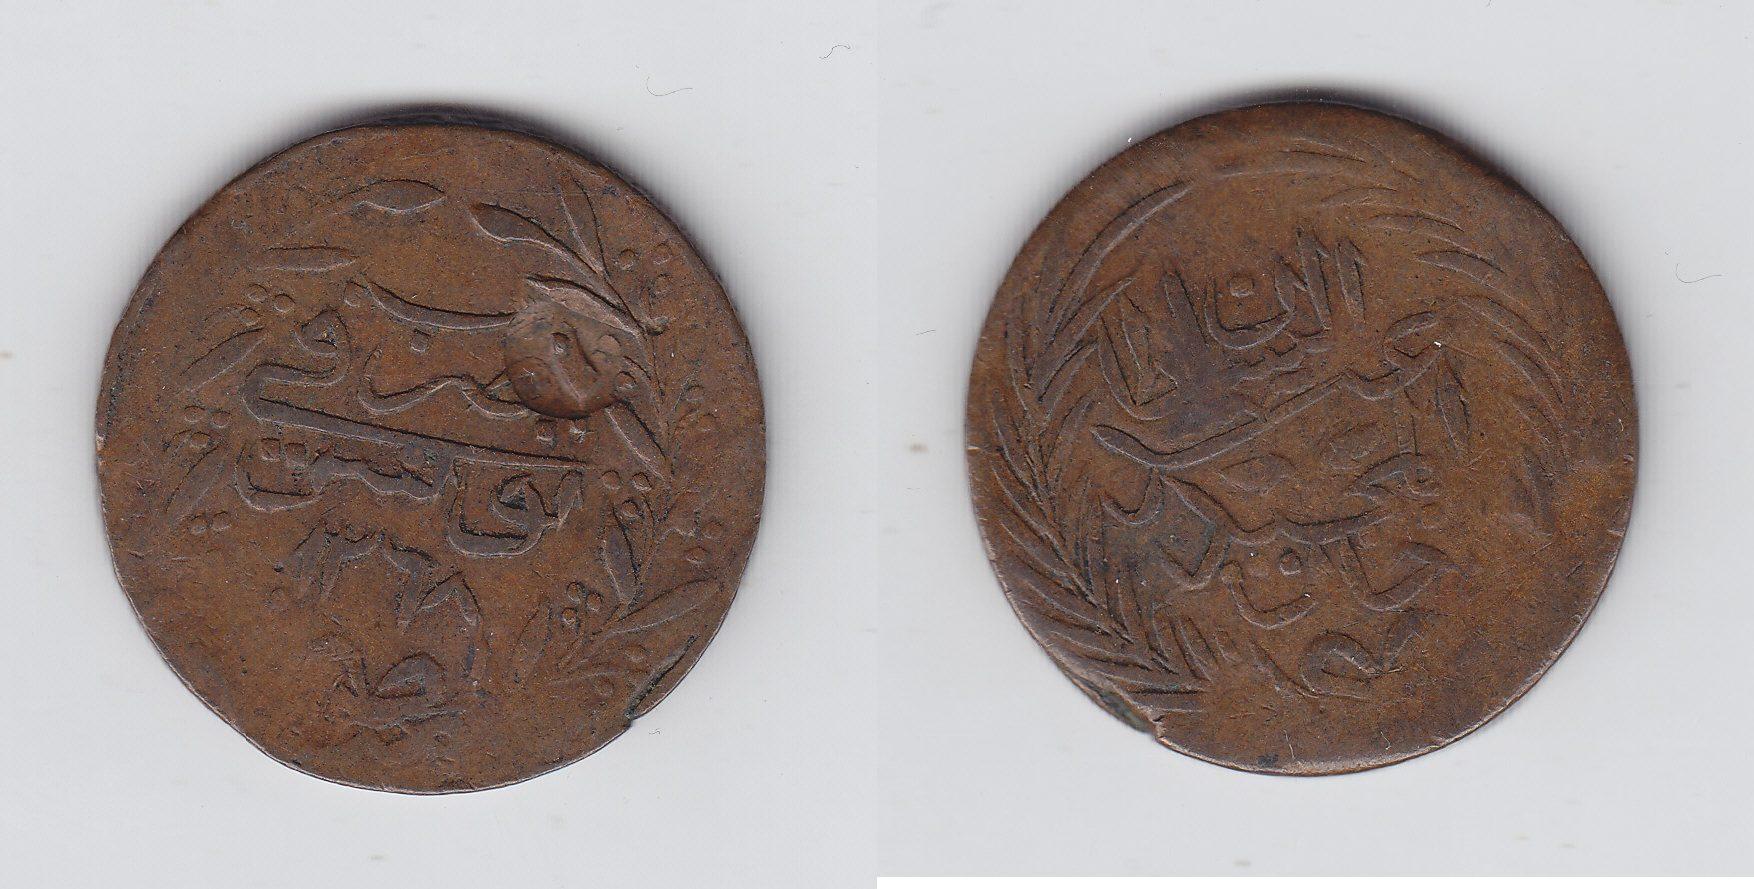 Tunis Kharub cantern. 1268AH